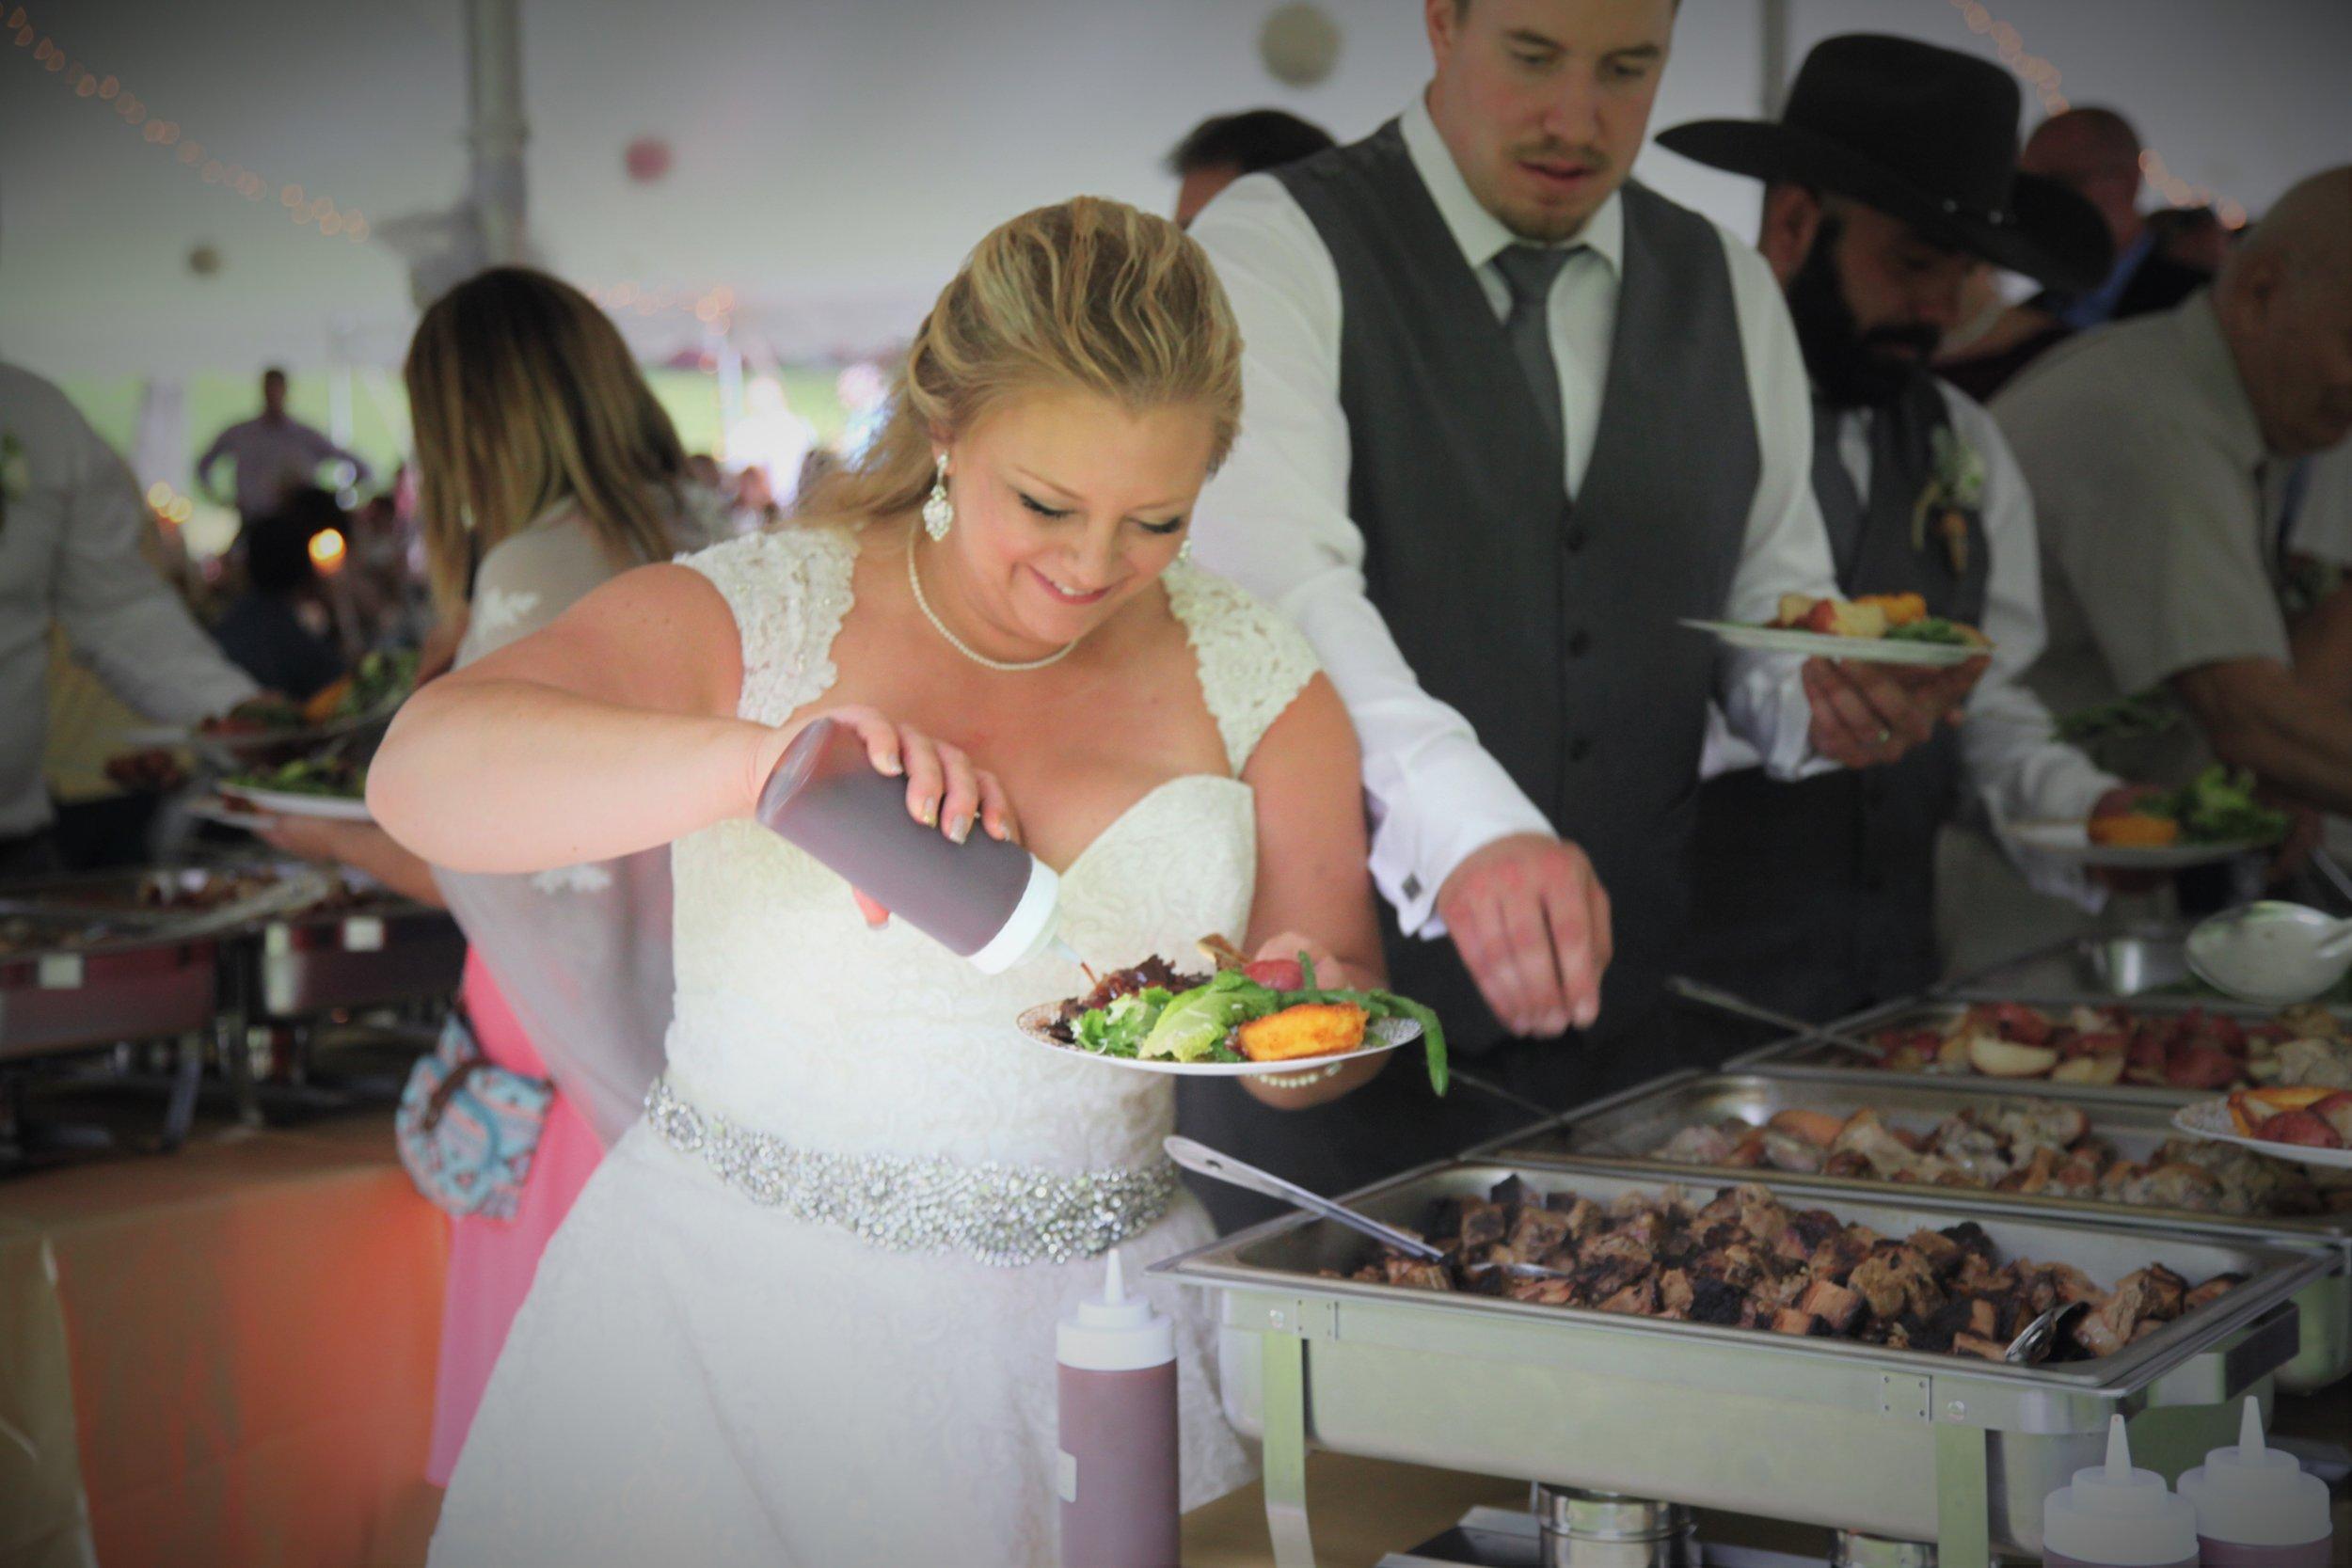 Hufnagle wedding 2016 _1.jpg